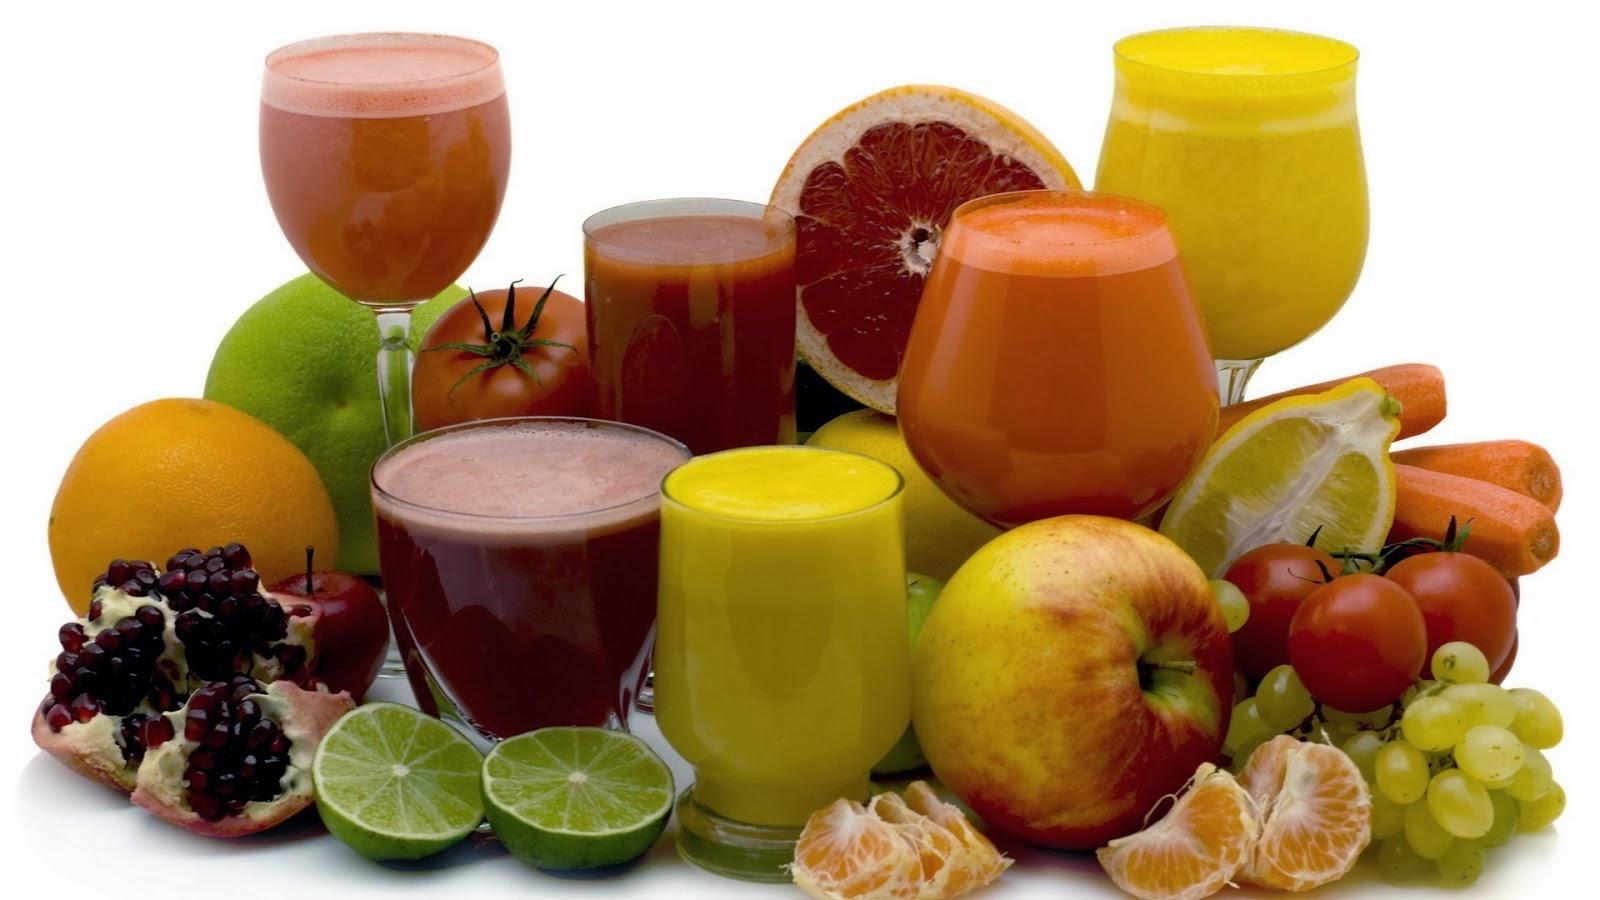 Dietas para bajar de peso rapido 10 kilos en 2 semanas que deben constituir